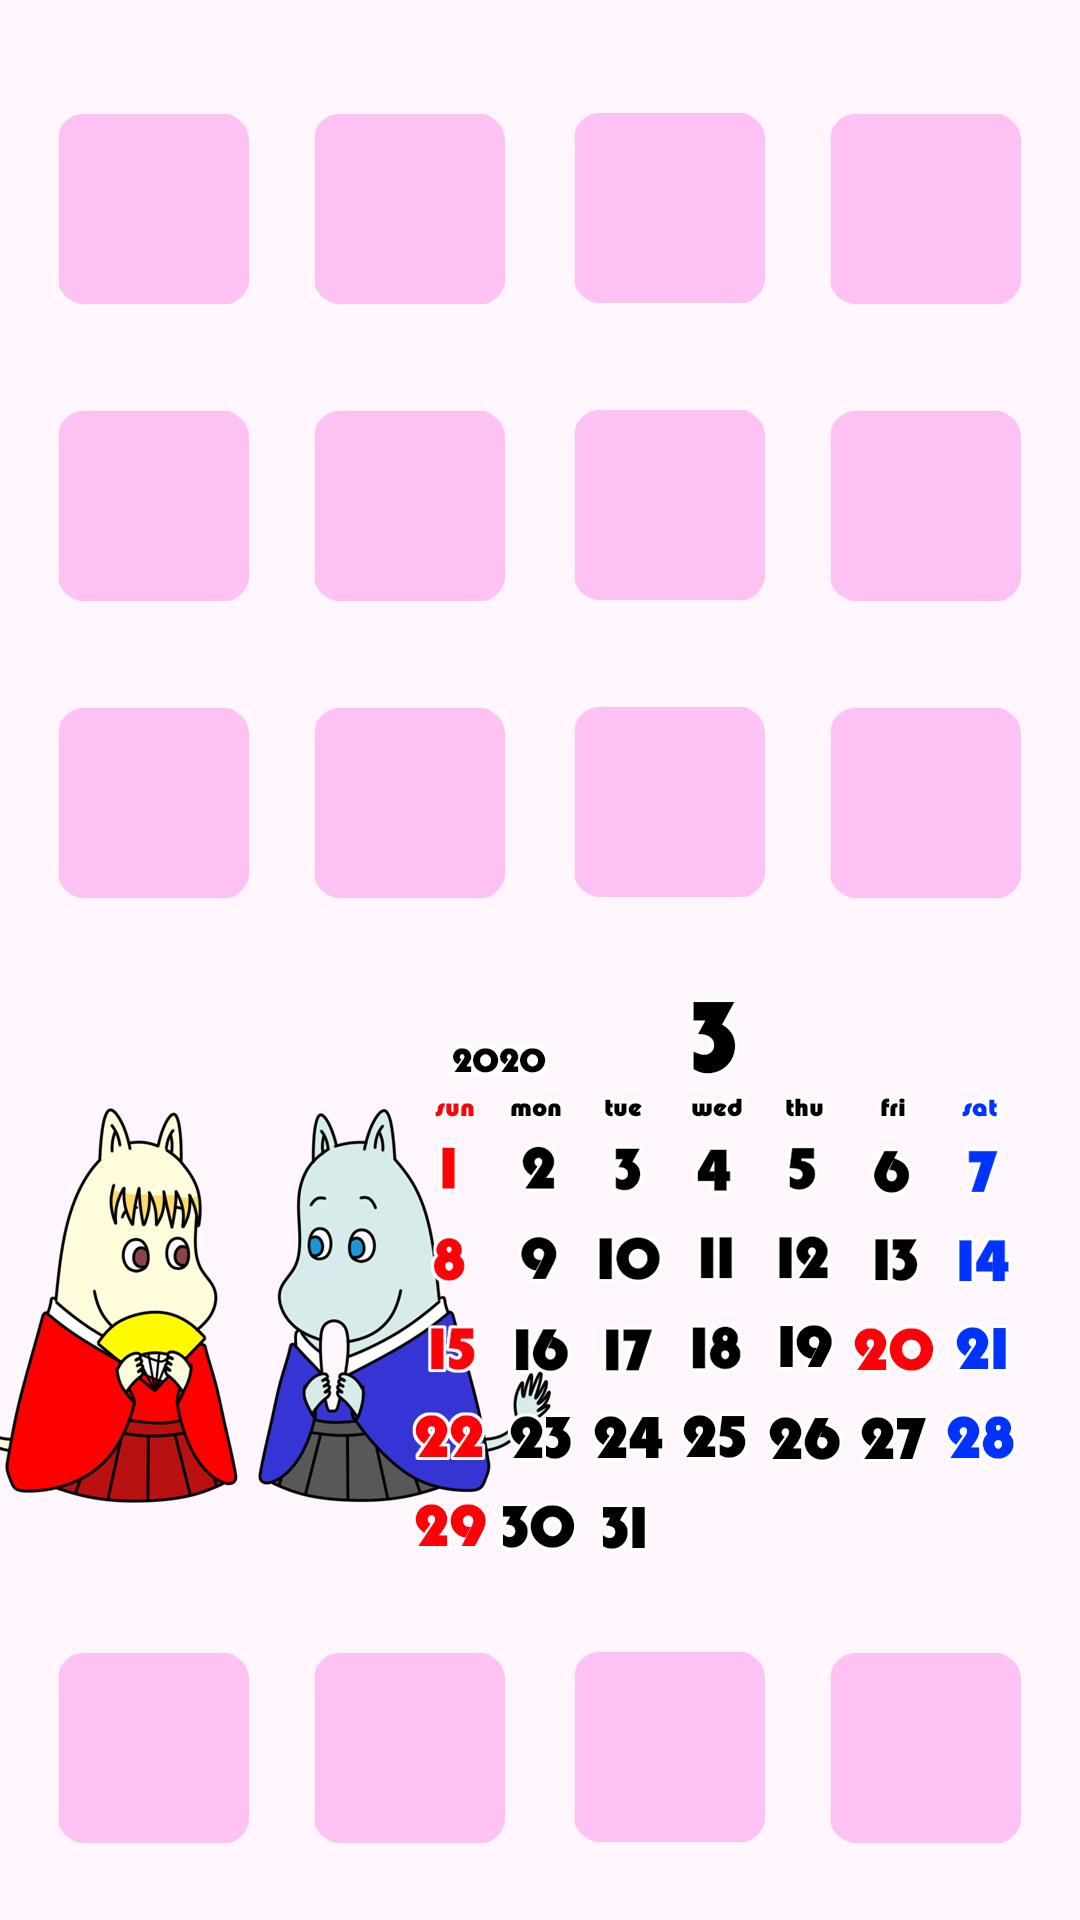 ムーミン 待ち受けカレンダー 2020年3月 iPhone用 月曜始まり